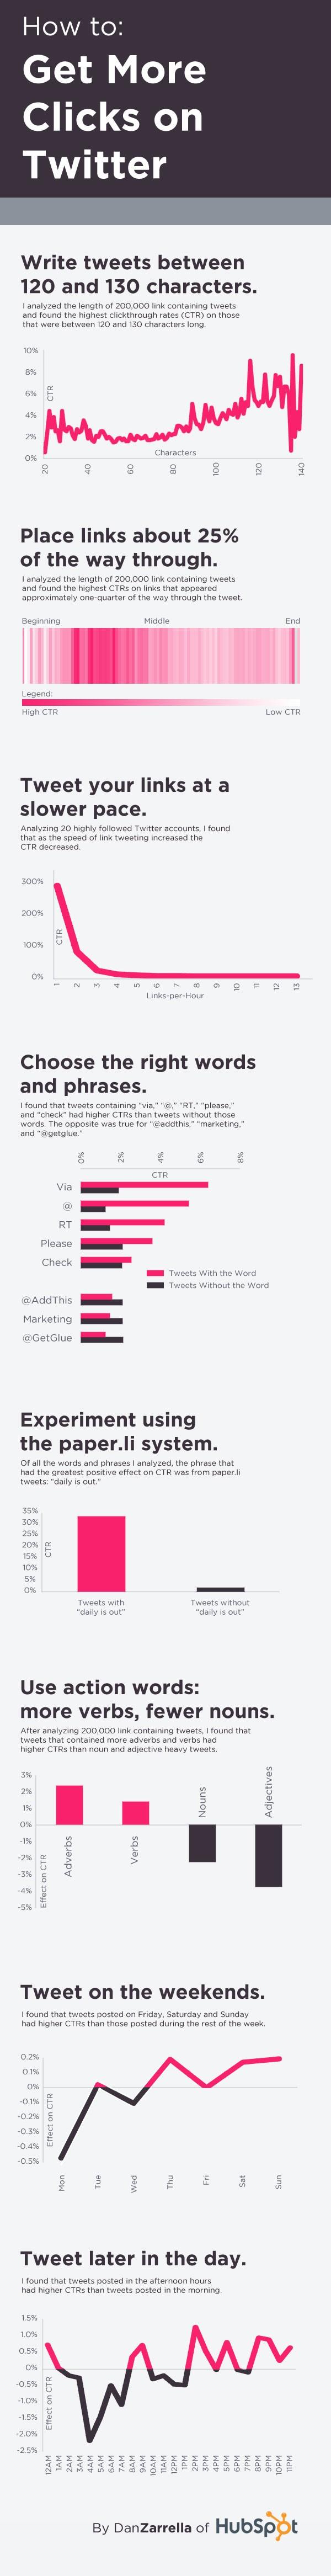 Як підвищити популярність твітів (інфографіка)